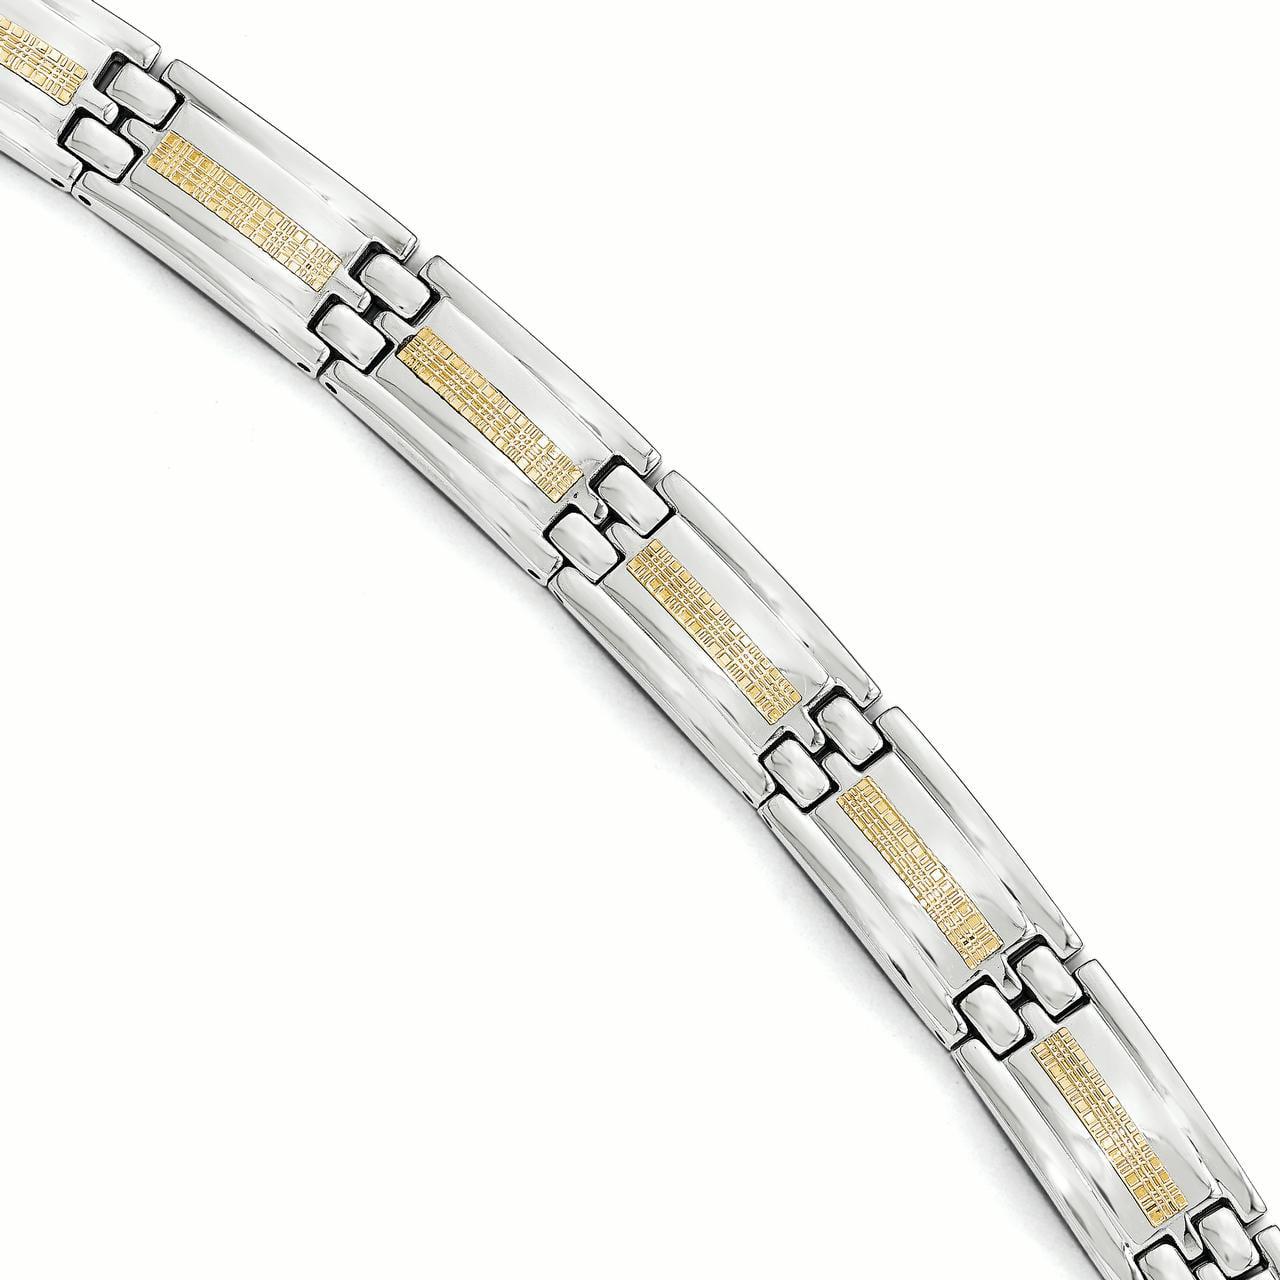 """Stainless Steel Polished w/14k Gold Link Bracelet 8.25 Inch """"Bracelets - image 2 de 2"""